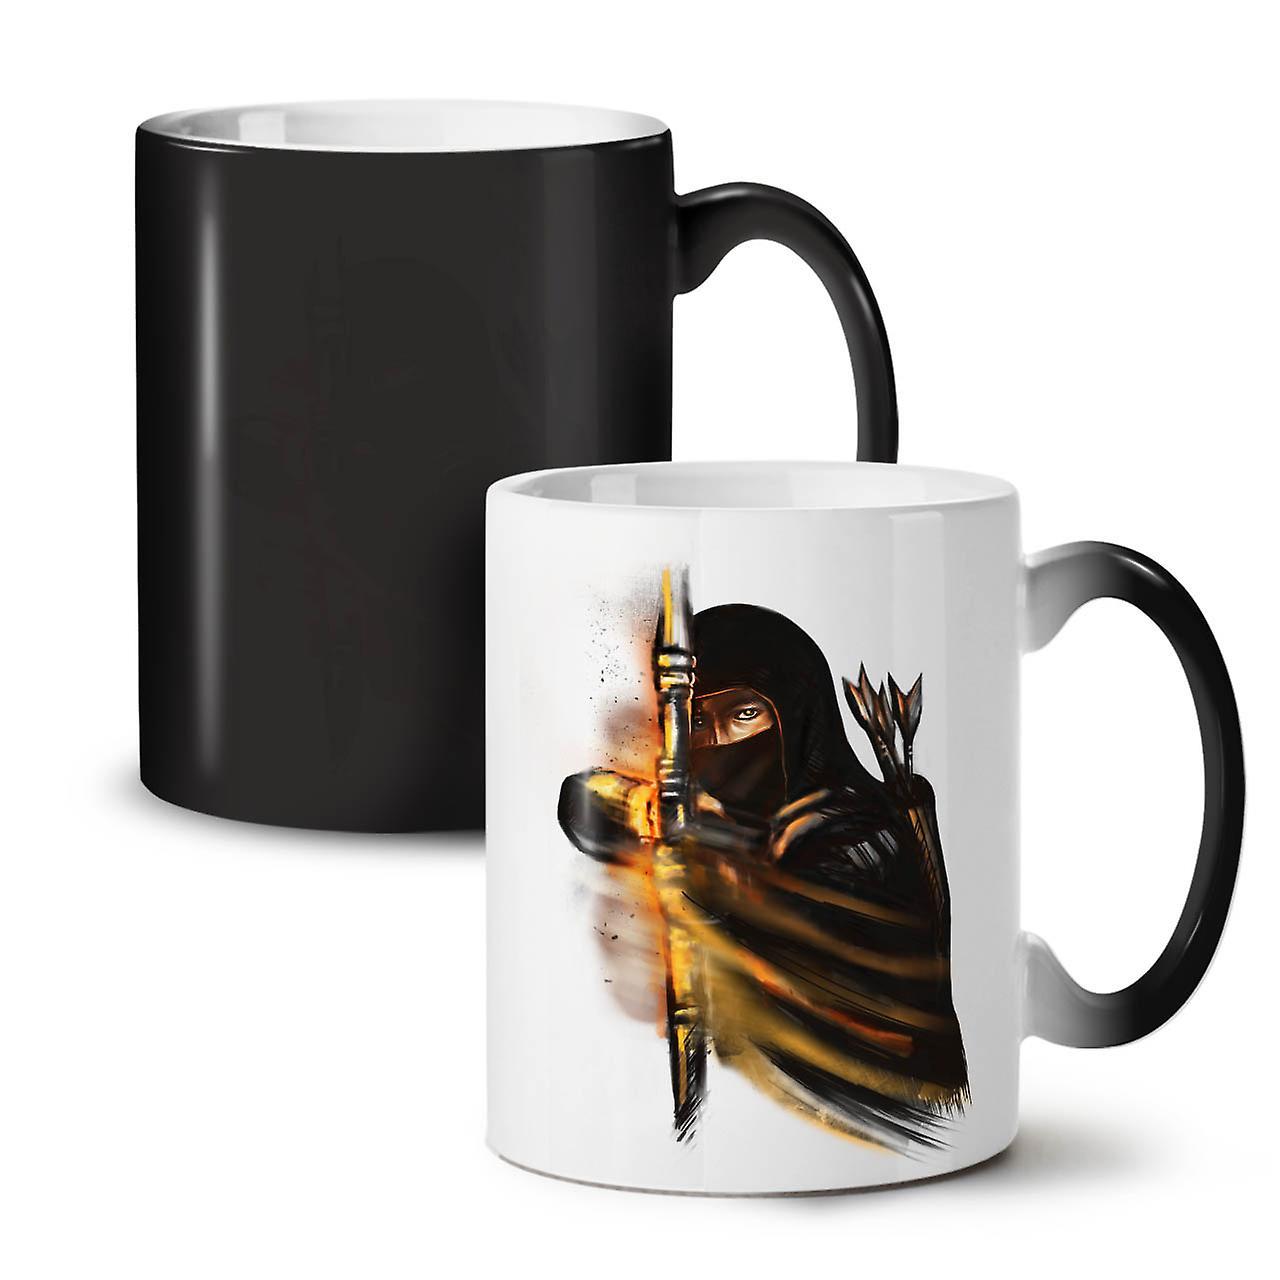 Tasse Ninja 11 Noir Nouvelle Céramique Café Warrior Fantastique Couleur Changeant OzWellcoda Thé WDH29eEIY